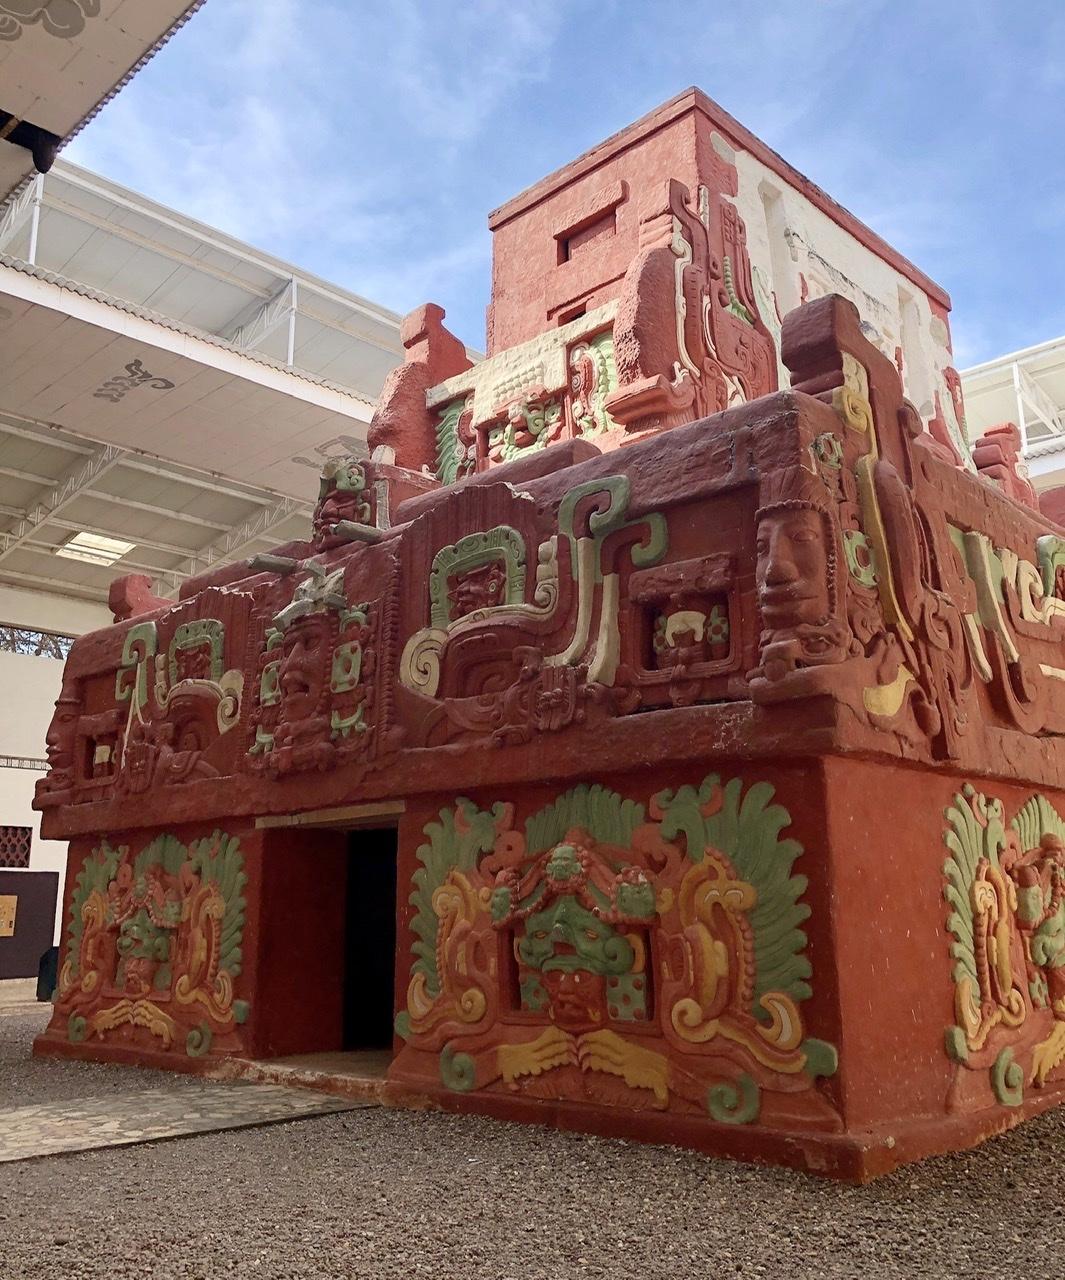 古代マヤ文明の遺跡 コパン遺跡@ホンジュラス_a0092659_16350263.jpeg